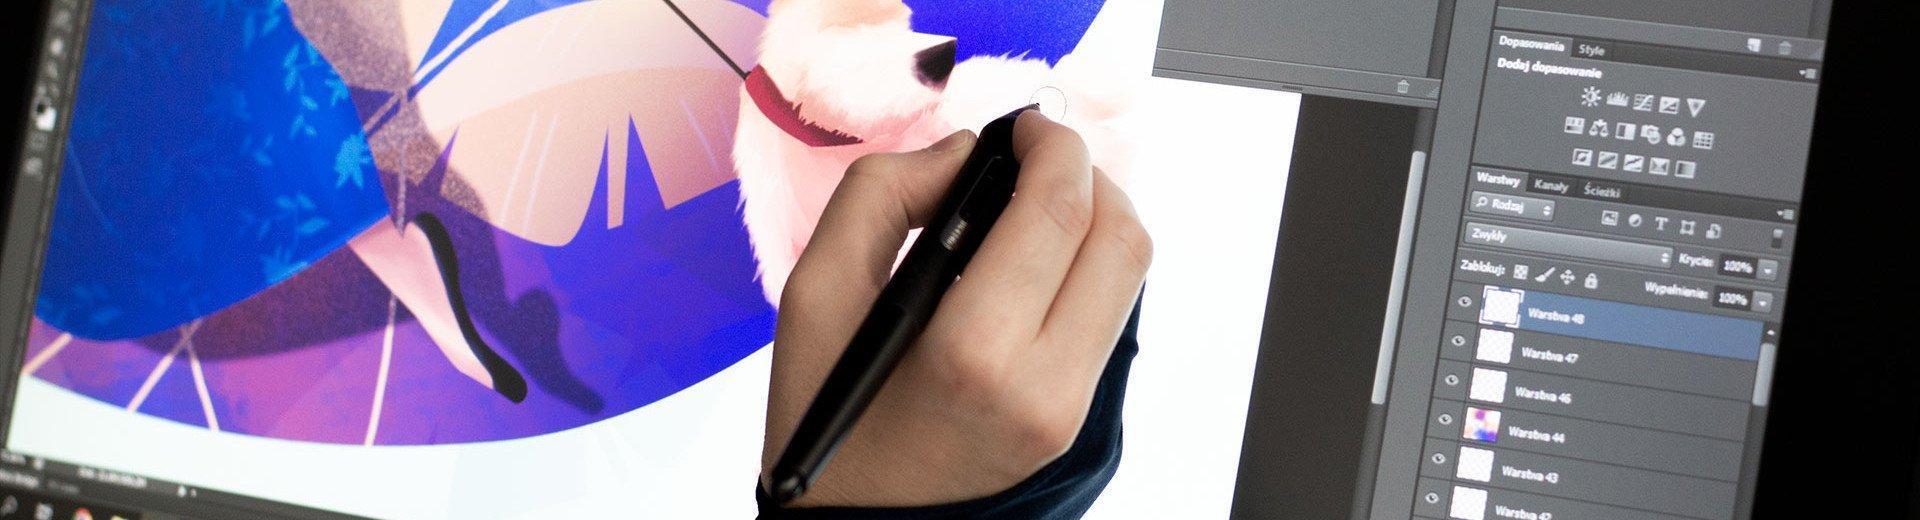 Okładka artykułu Recenzja tabletu Wacom Cintiq 22 — Budżetowa alternatywa dla fanów urządzeń z ekranem